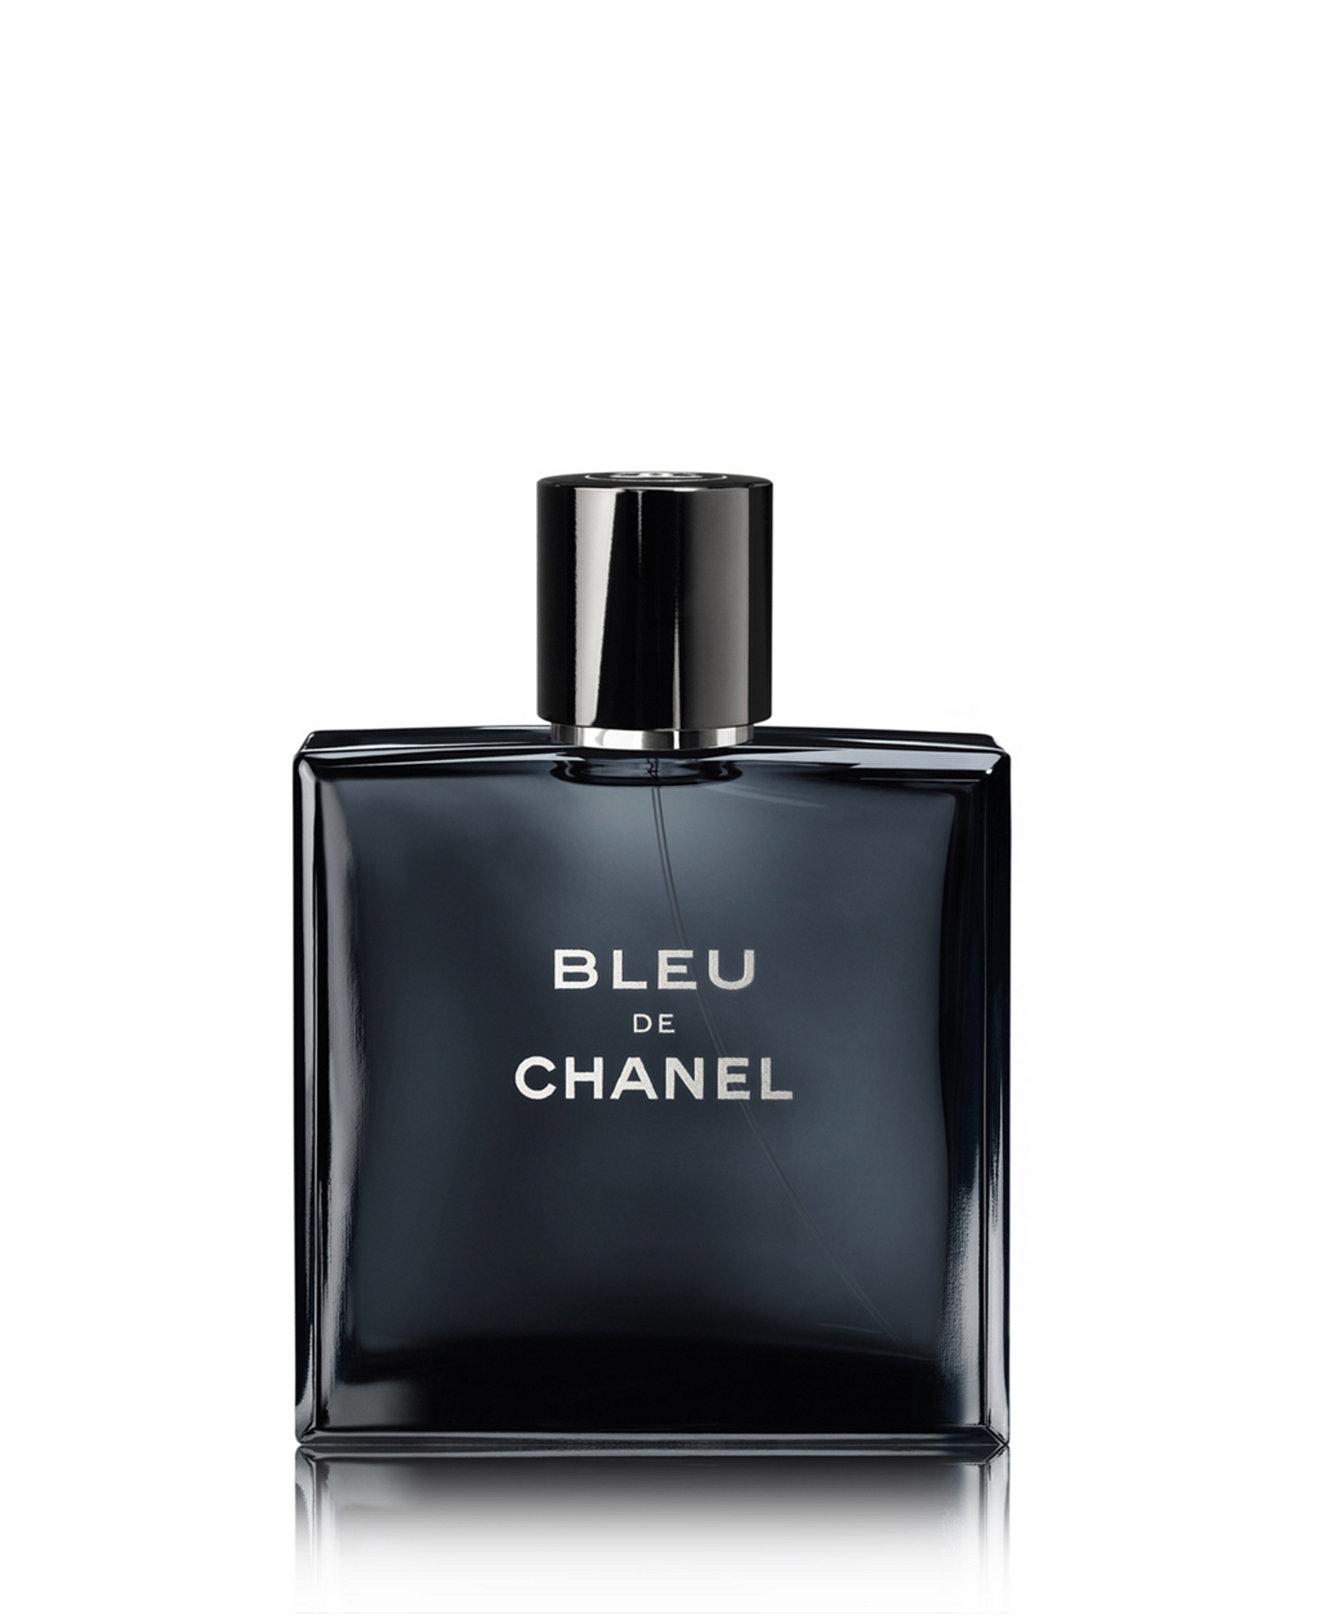 Chanel Bleu De Chanel Eau De Parfum Fragrance Collection For Men  Shop All  Brands  Beauty  Macy's